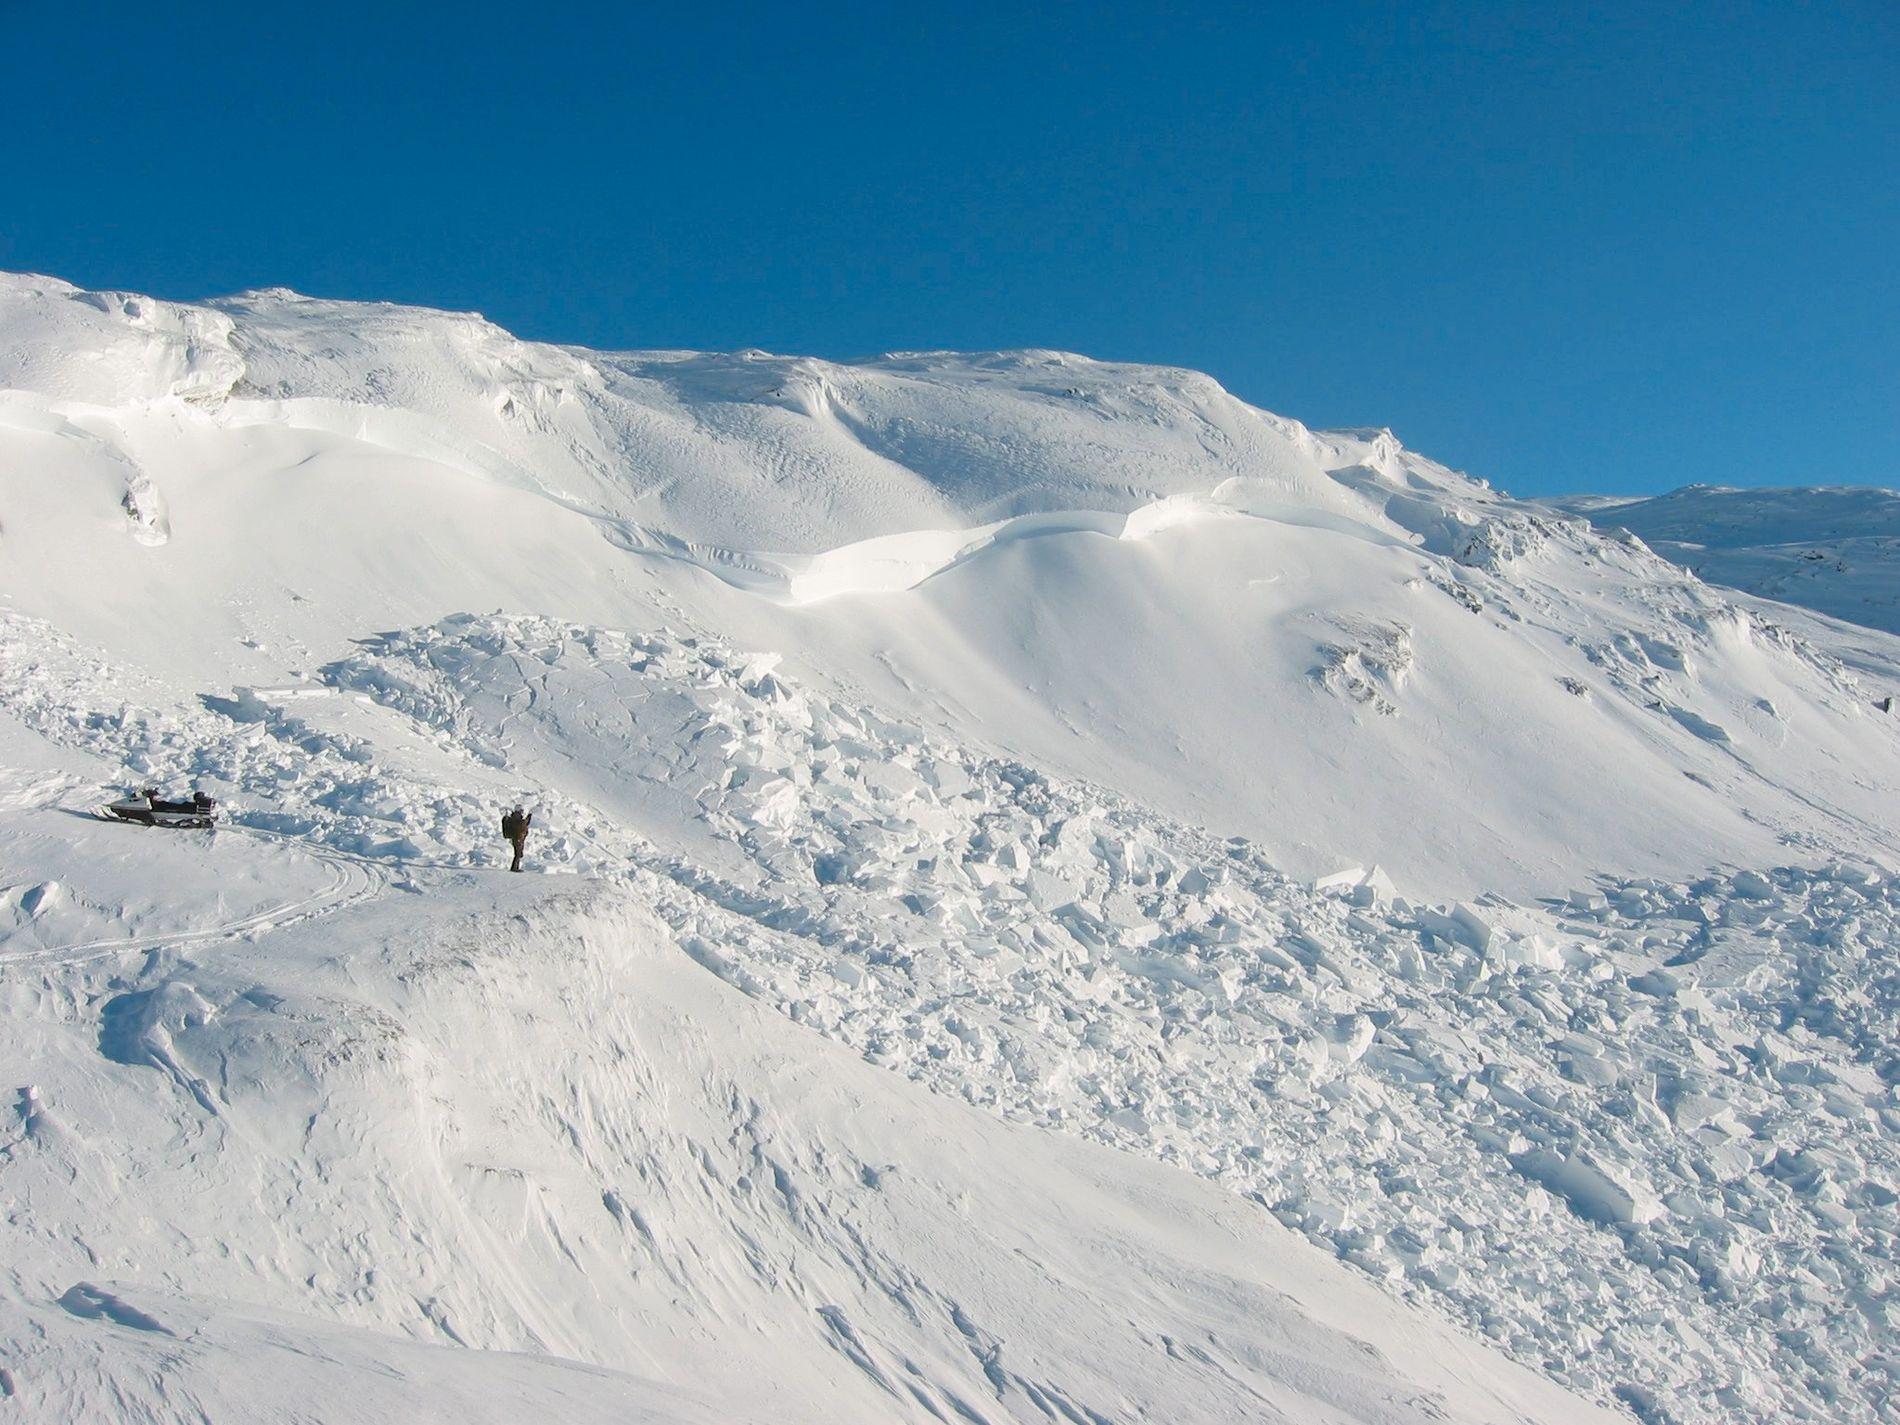 SNØSKRED: Under en NATO-øvelse i Nord-Norge i mars 2008 gikk det et snøskred hvor bruddkanten var tre meter på det høyeste.